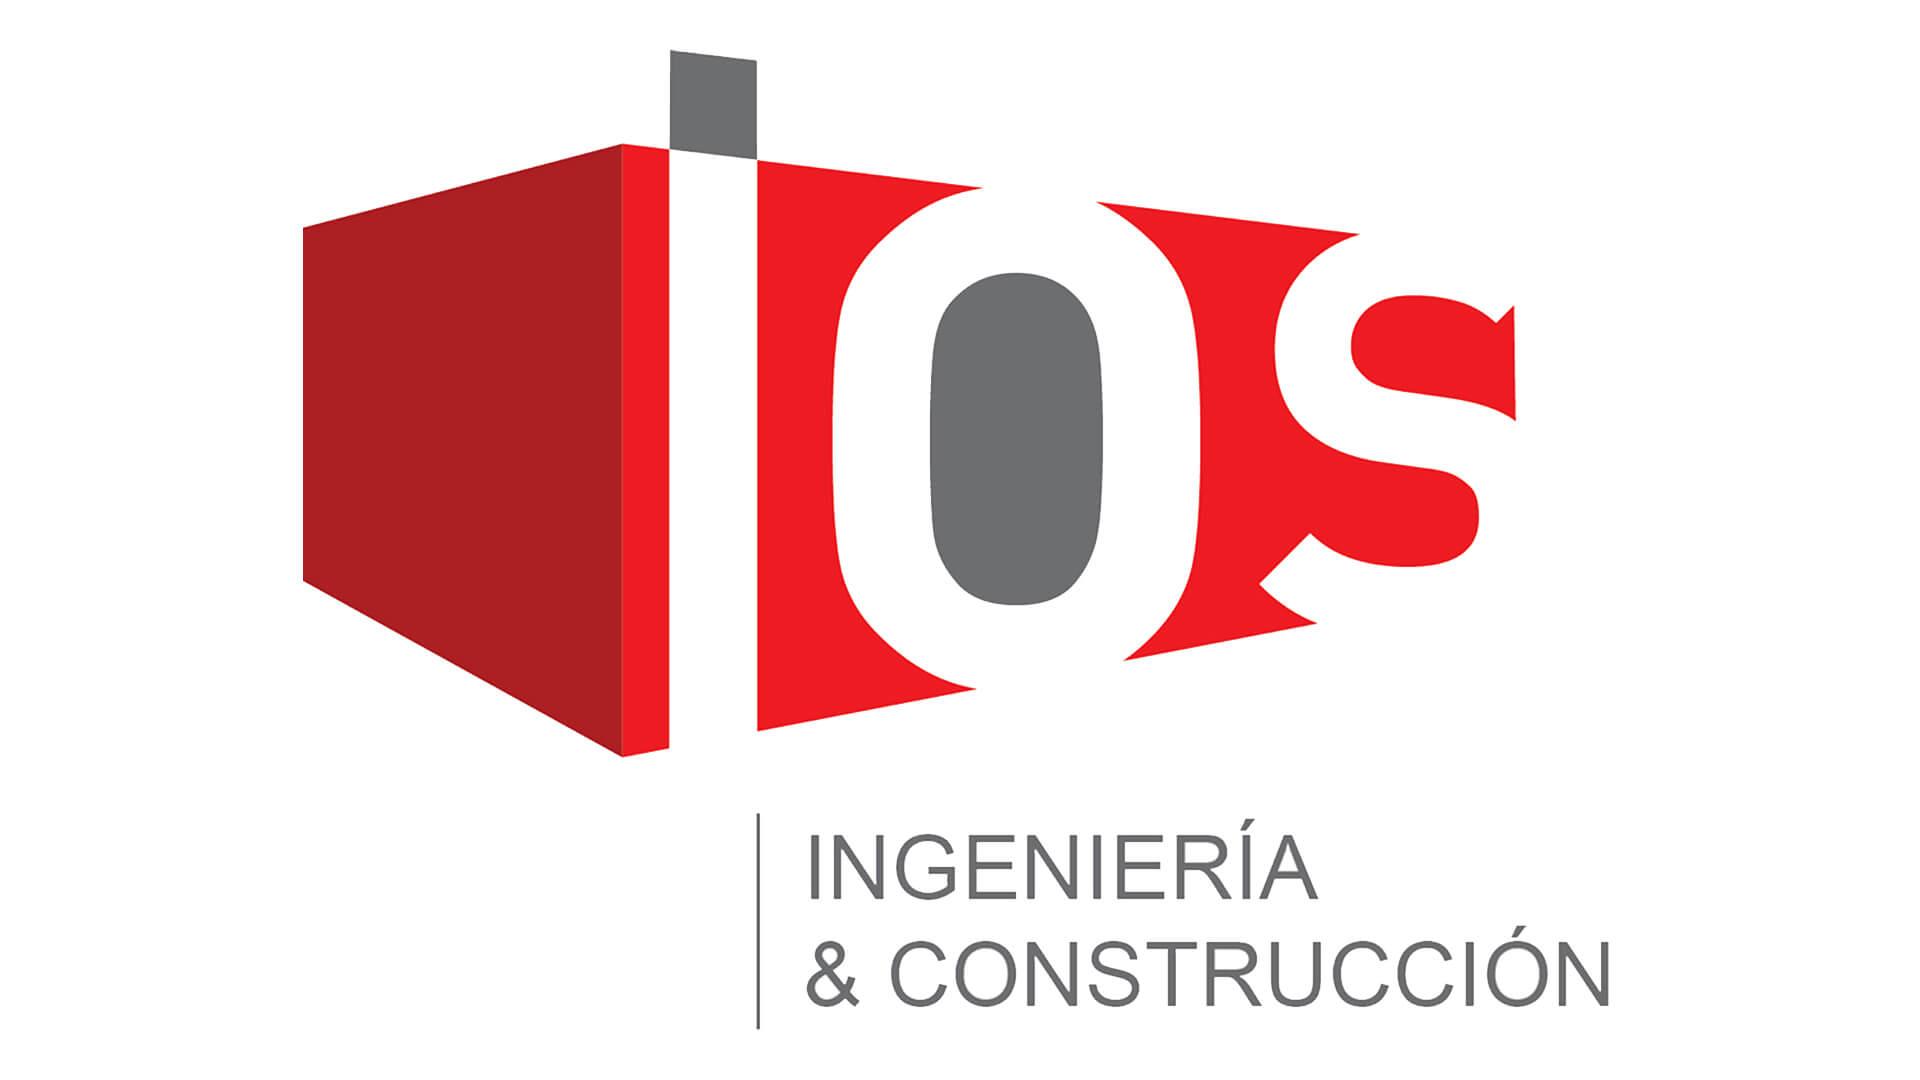 desarrollo-web-de-ios-ingenieria-construccion